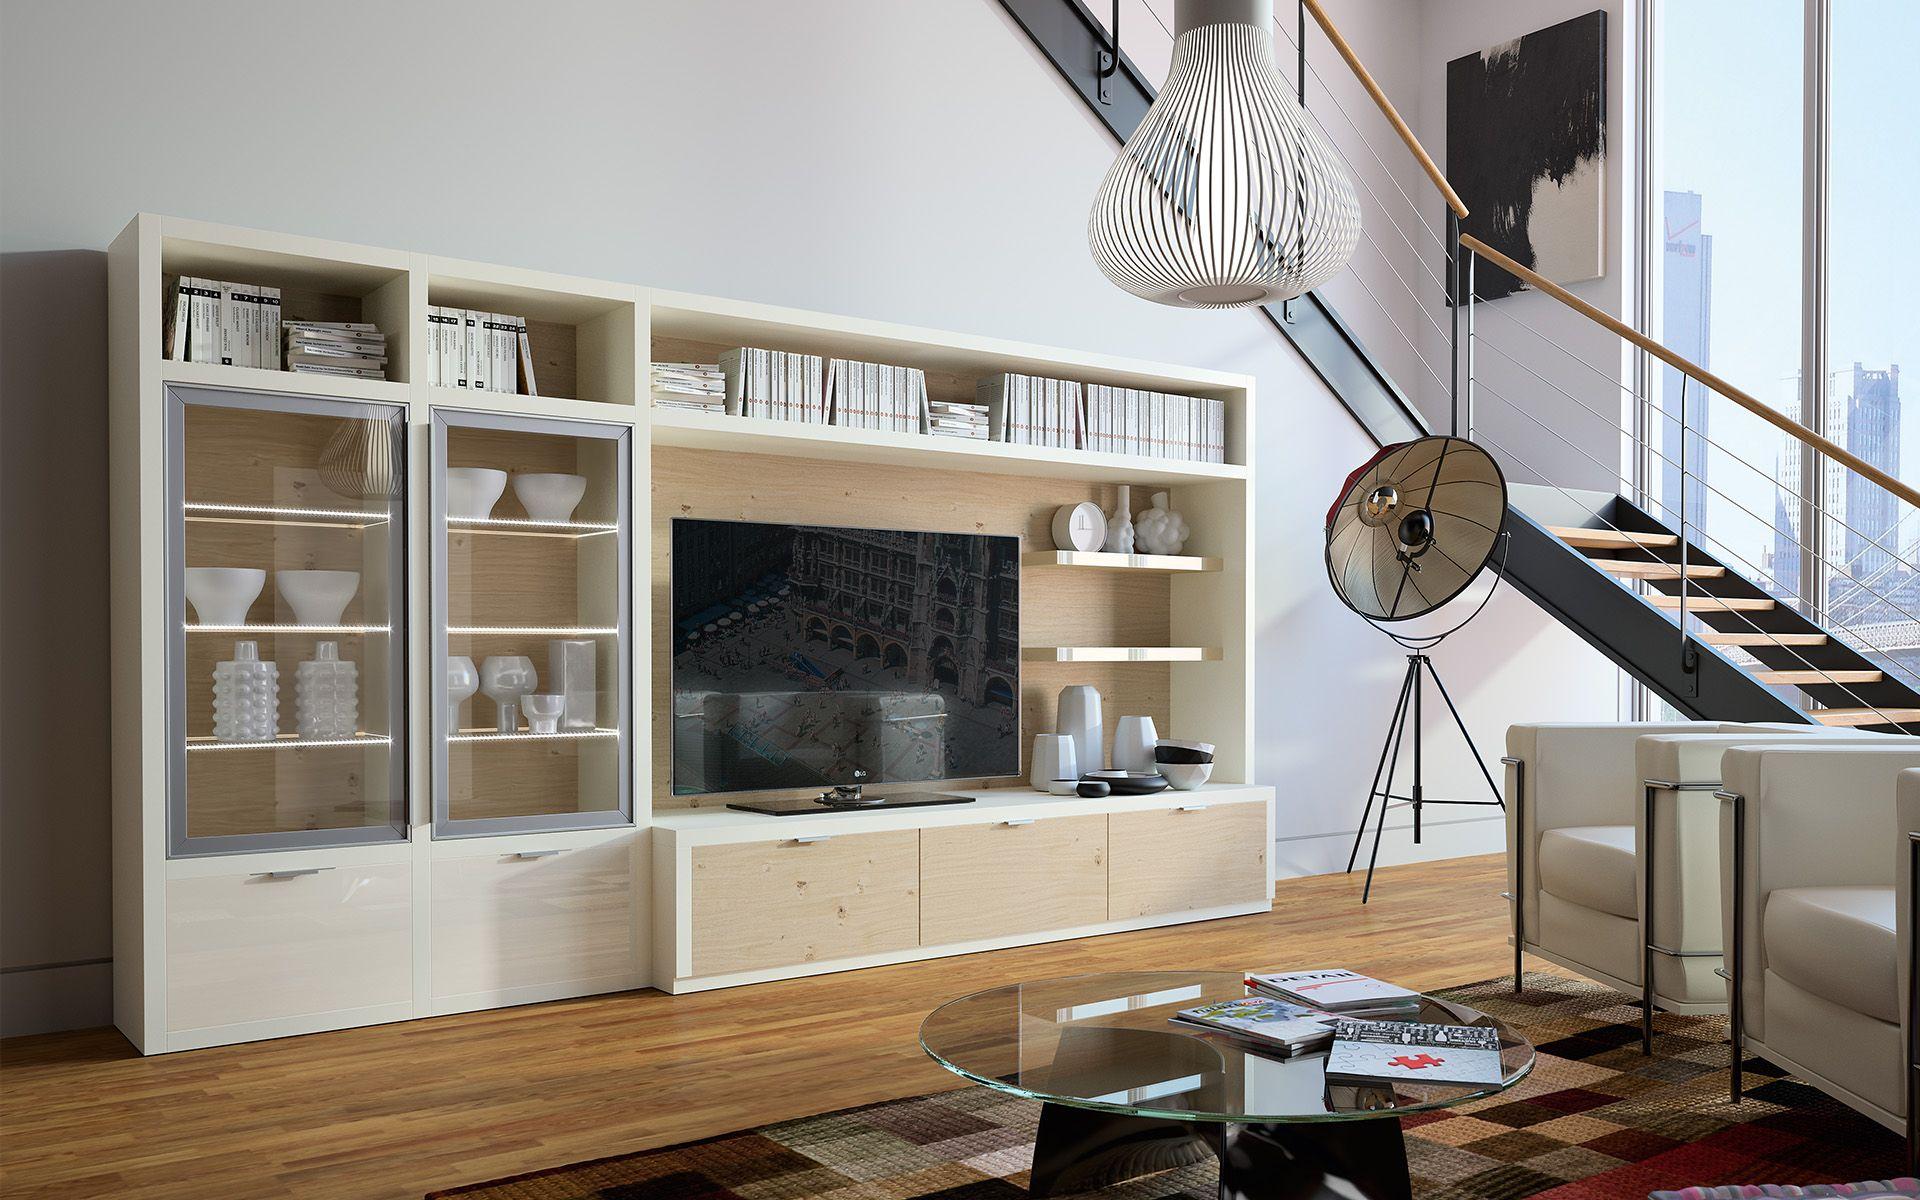 Wohnzimmer // 9  Wohnzimmer, Möbel nach maß, Produkt